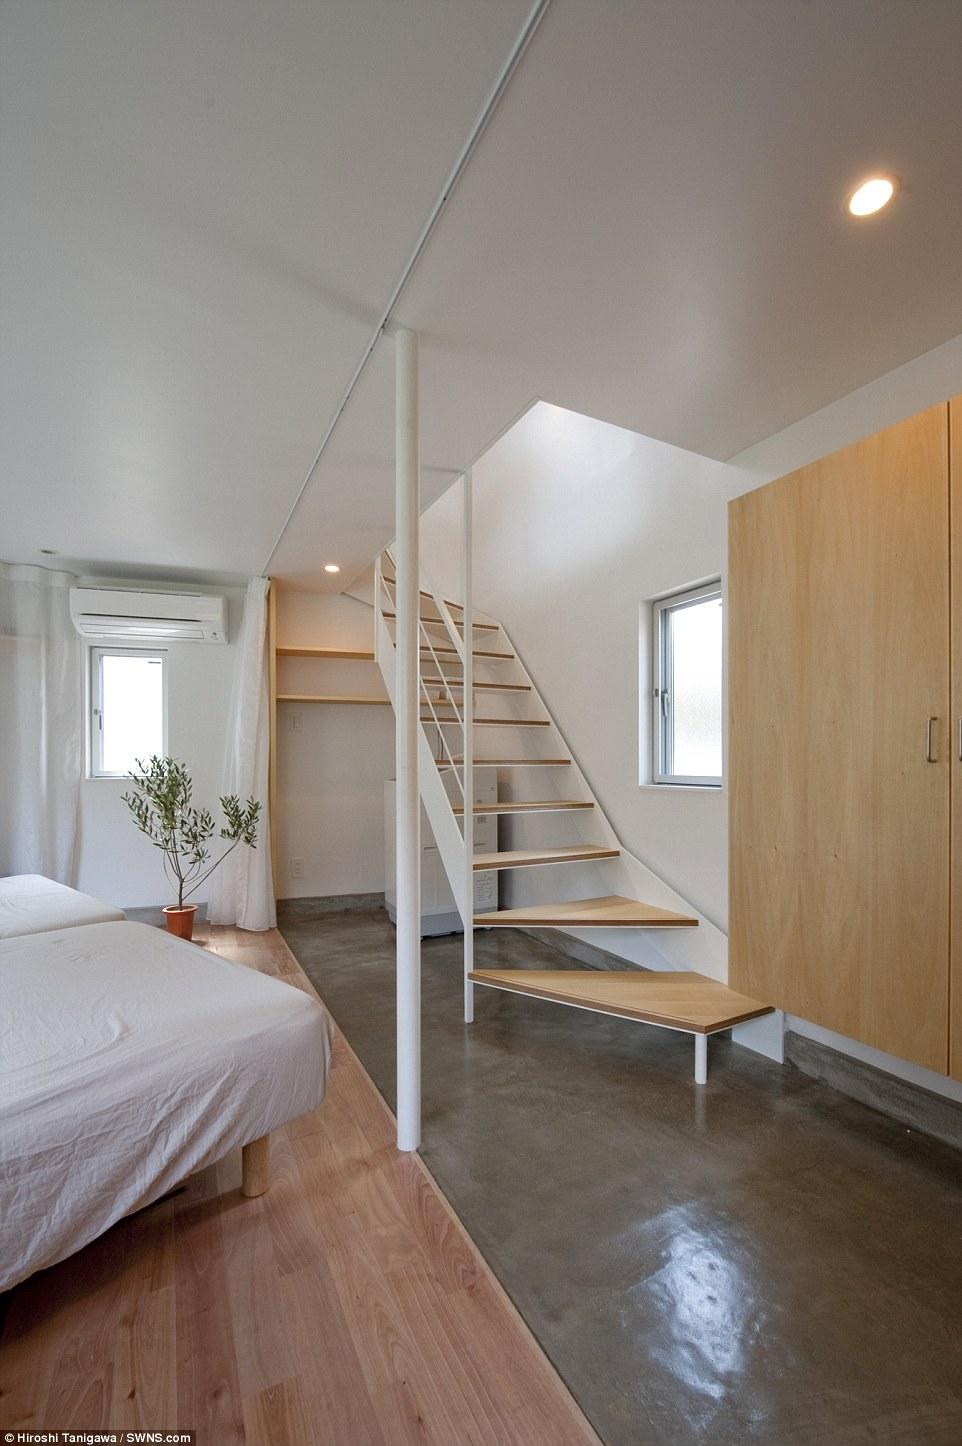 Al piano di sopra, al piano di sotto: La casa del fiume sul lato che è attualmente chiamato a casa da un marito, moglie e la loro giovane figlia vanta una grande camera da letto e bagno al piano terra e una spaziosa cucina e soggiorno al secondo